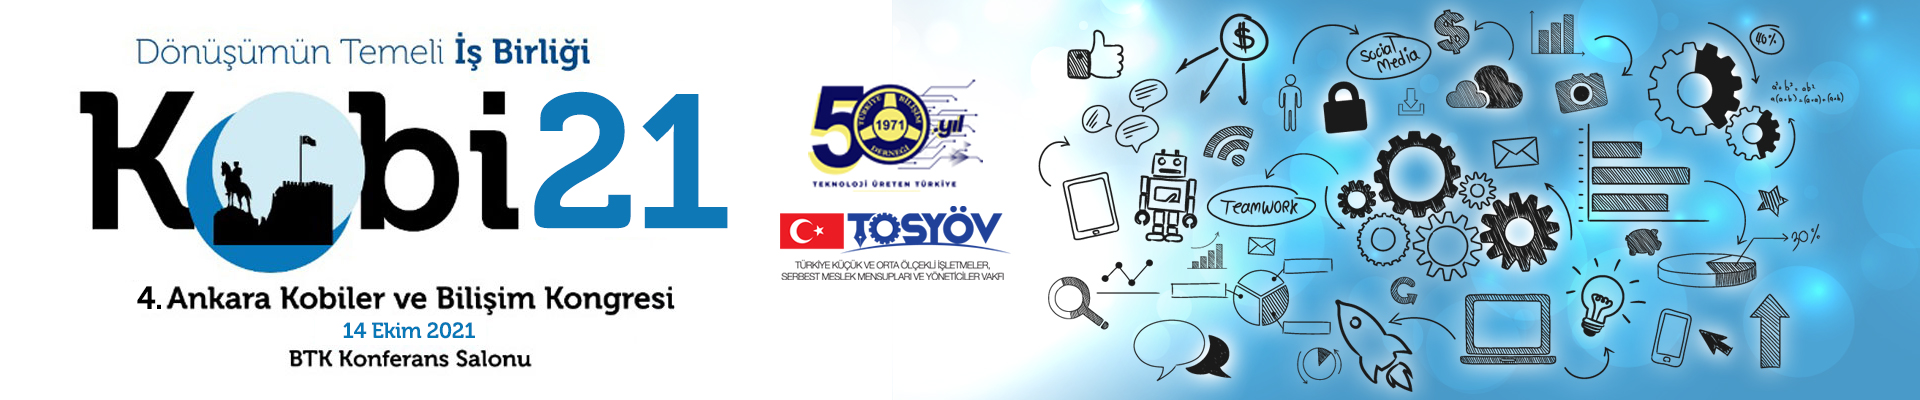 4. Ankara KOBİ'ler ve BİLİŞİM Kongresi